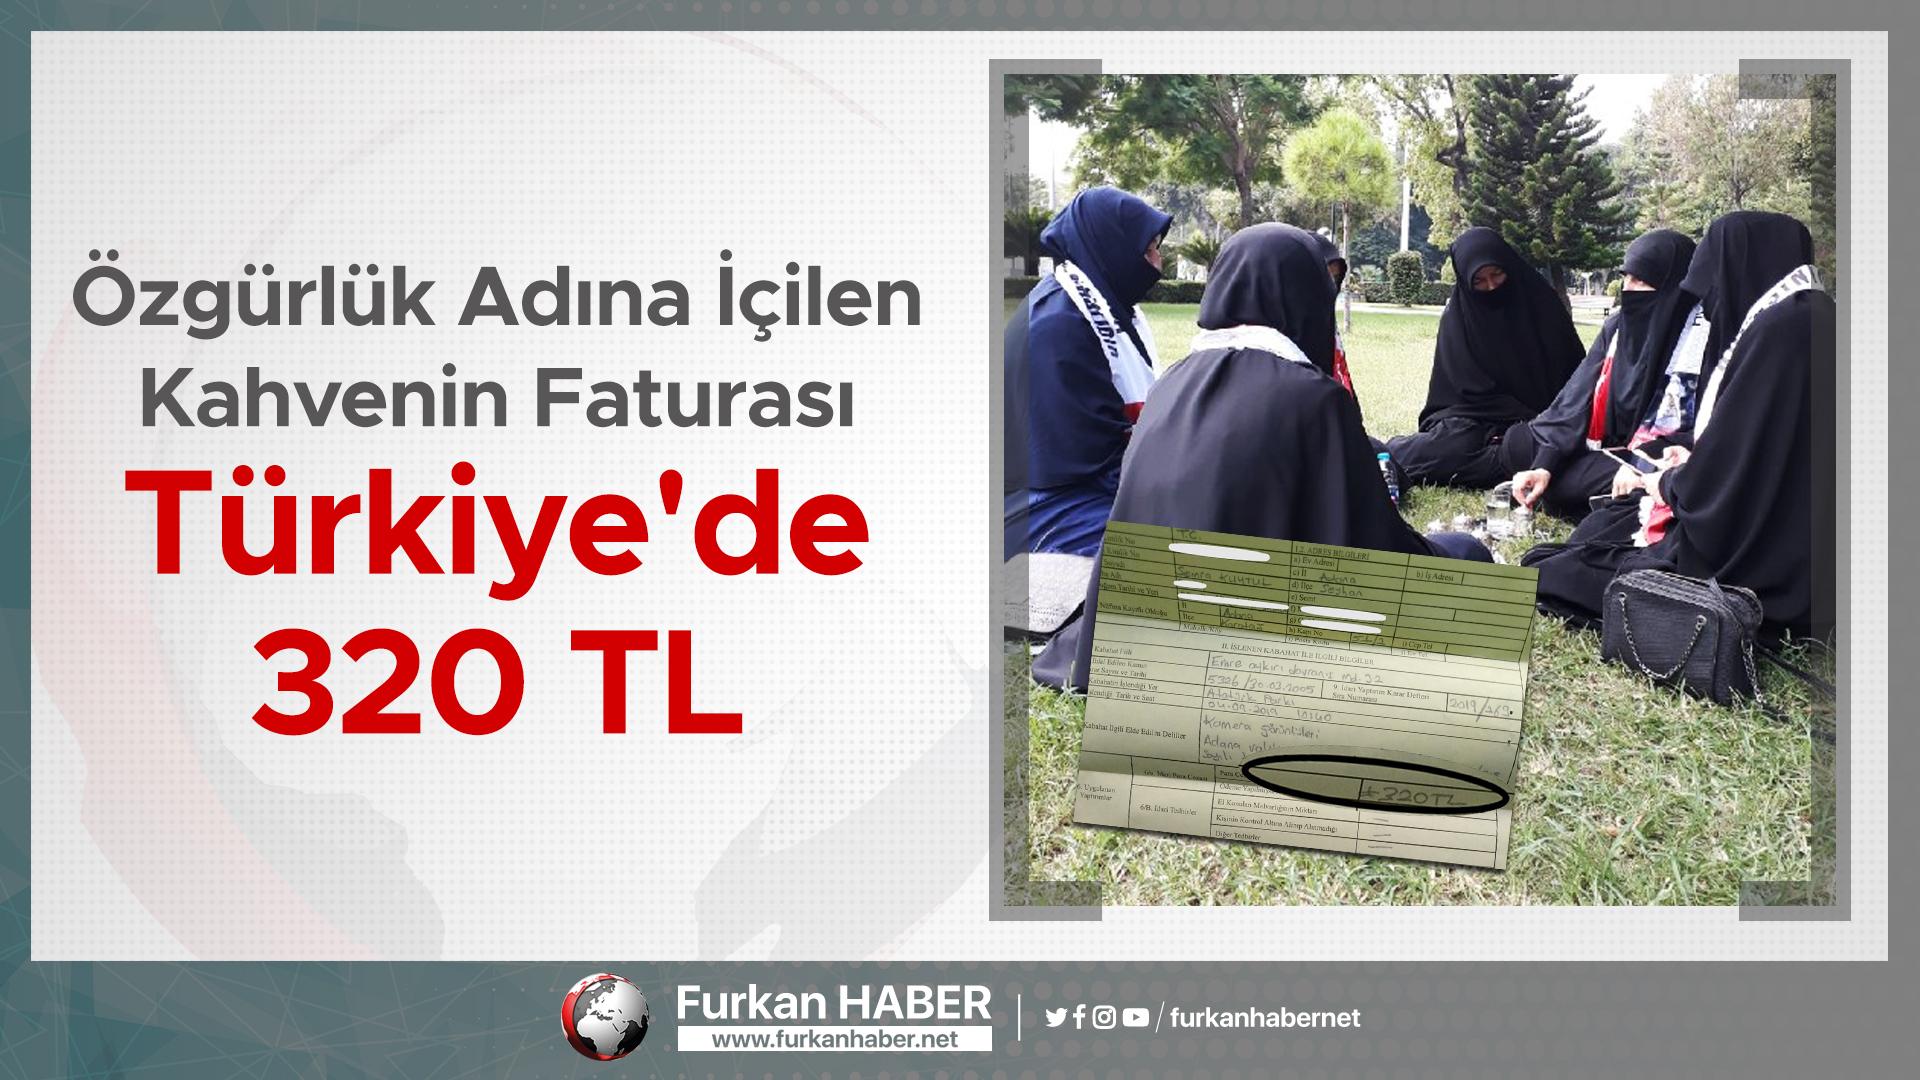 Özgürlük Adına İçilen Kahvenin Faturası Türkiye'de 320 TL